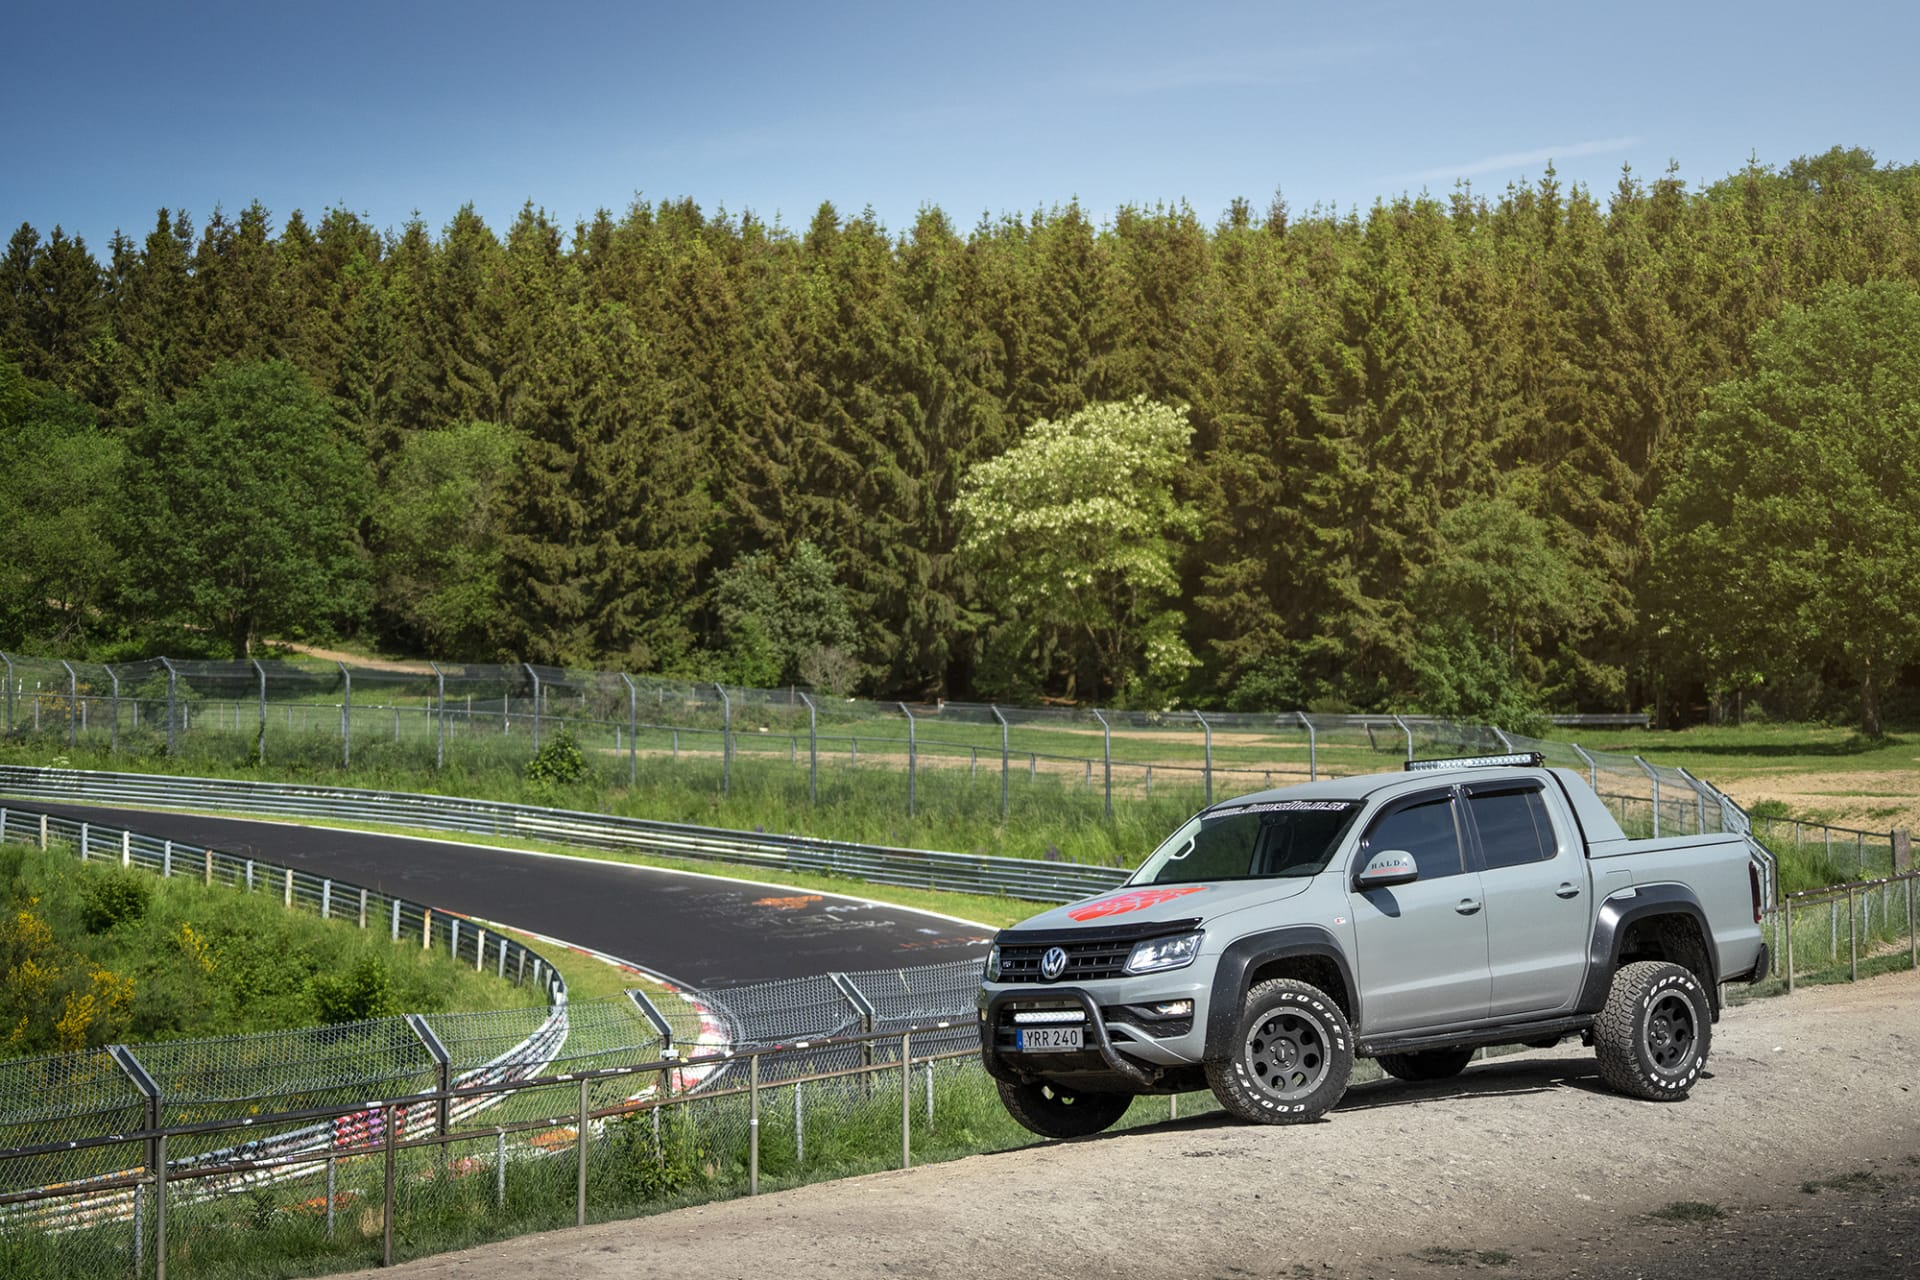 """En av de mest klassiska platserna på Nürburgring i bakgrunden med namnet Brunchen. Här kan man stå och beskåda allt från racingbilar till maskerade så kallade """"mulor"""" när bilindustrin har sina testdagar."""